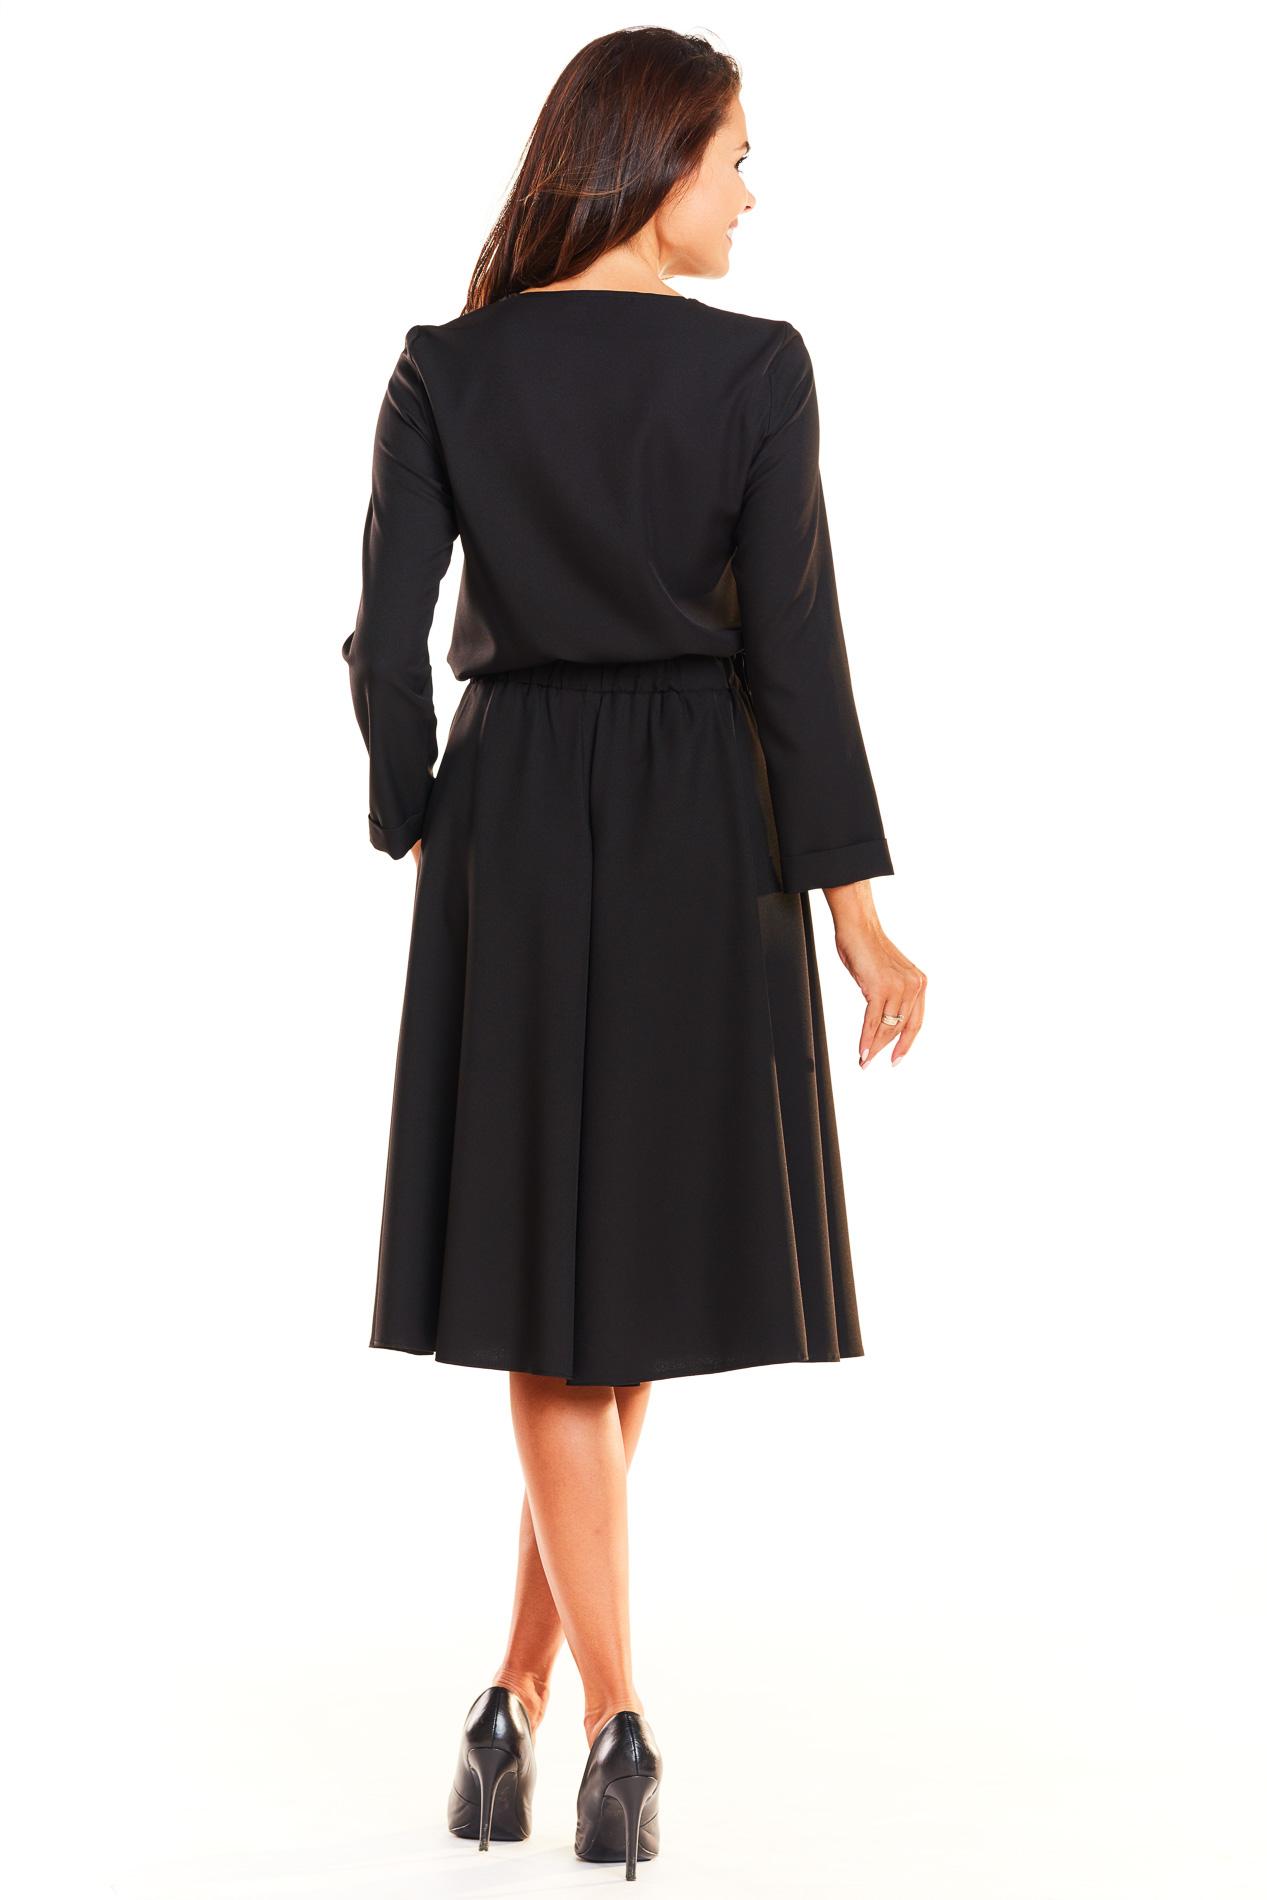 CM3931 Komplet - bluzka z długim rękawem i rozkloszowana spódnica - czarny